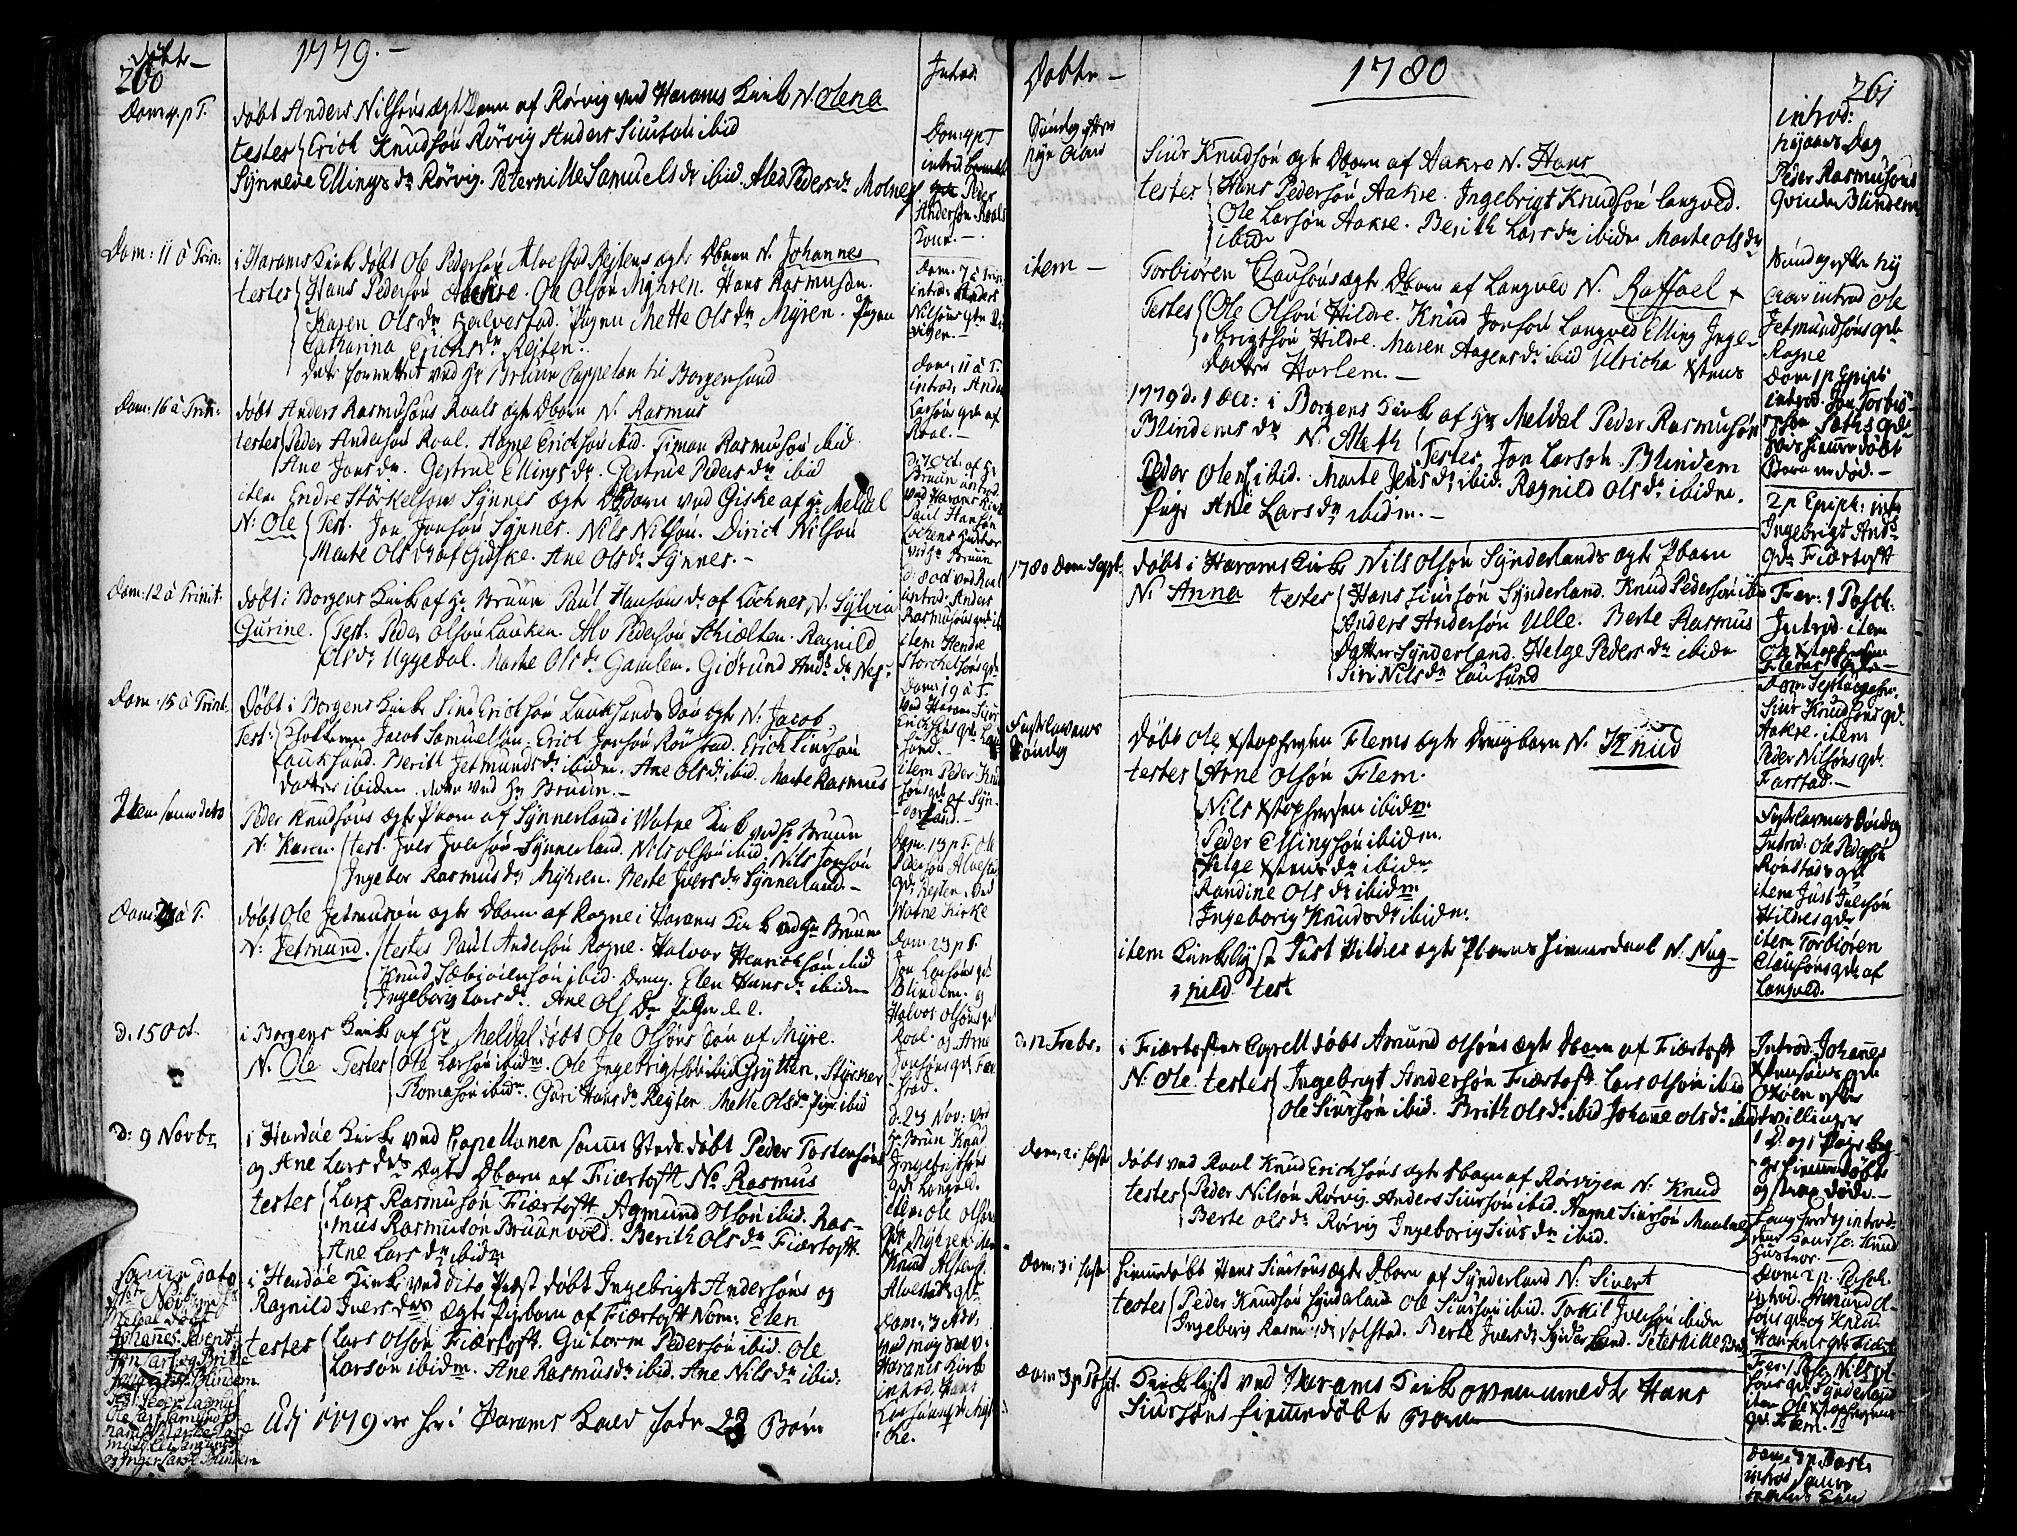 SAT, Ministerialprotokoller, klokkerbøker og fødselsregistre - Møre og Romsdal, 536/L0493: Ministerialbok nr. 536A02, 1739-1802, s. 260-261